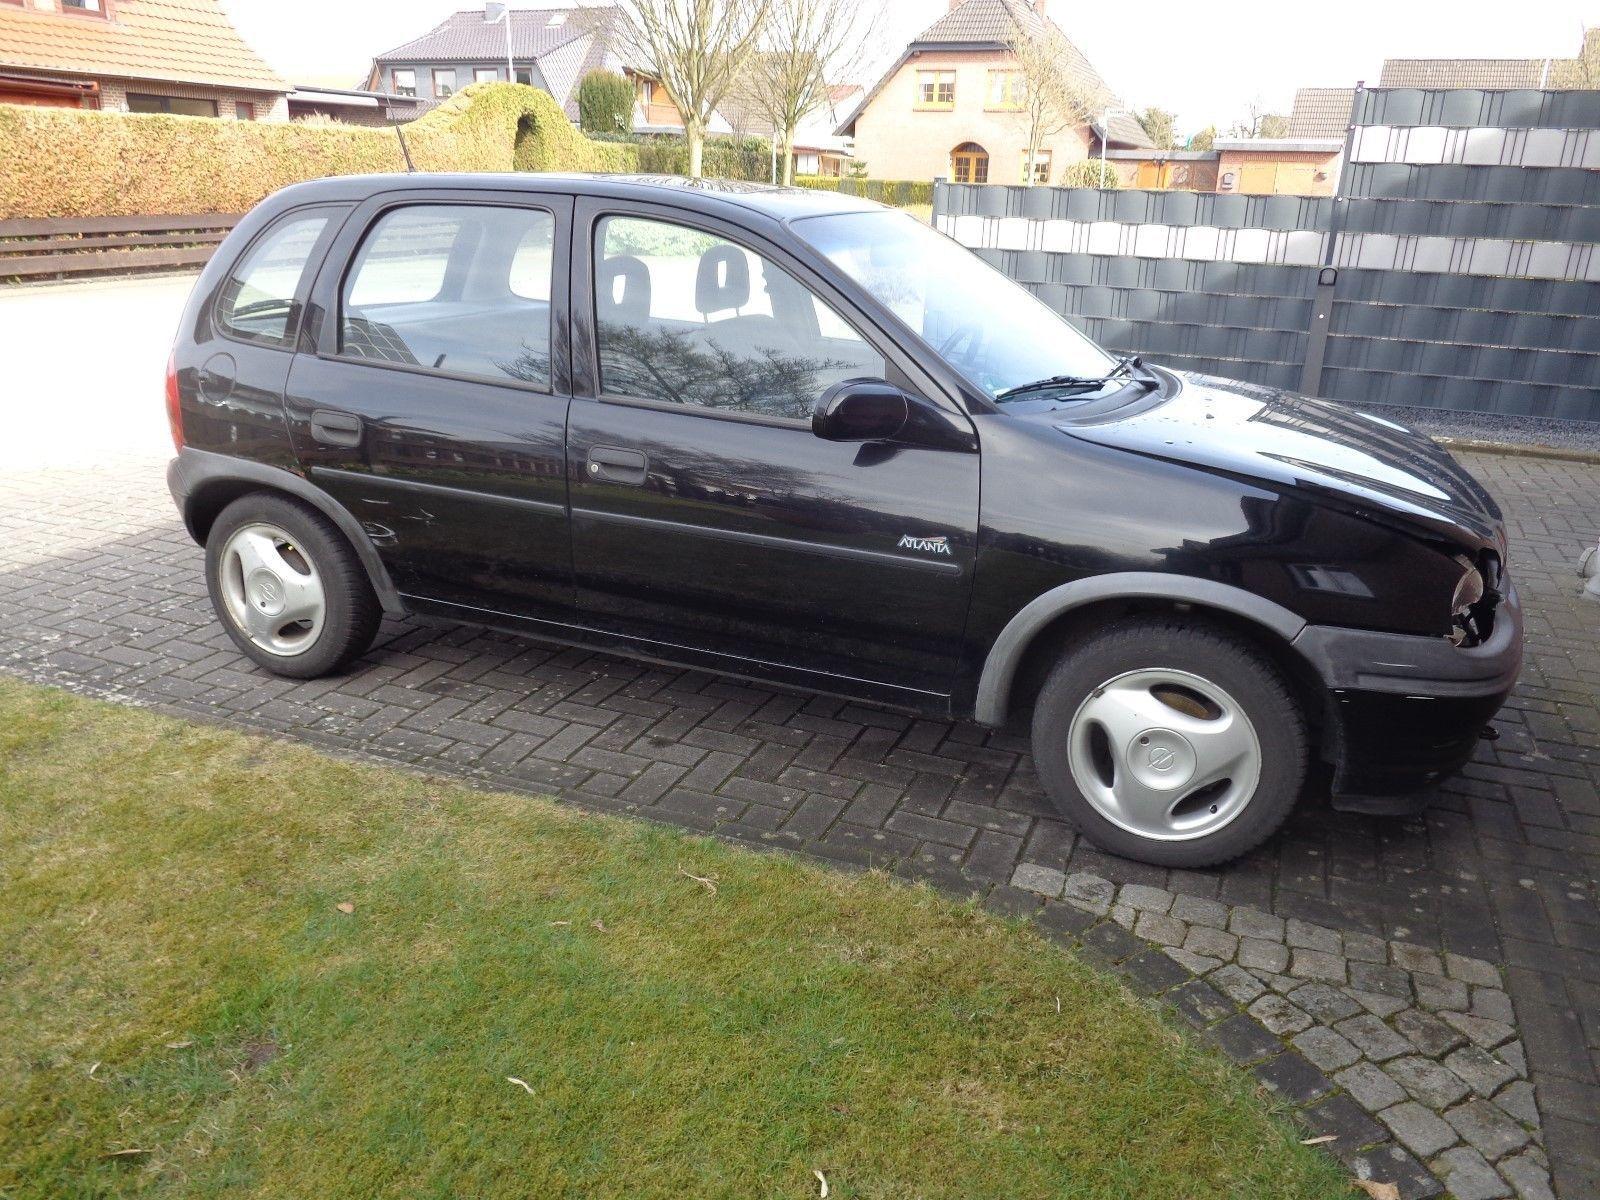 Opel Corsa B 1.4l 4 Türer mit Anhängerkupplung und Schiebedach Check ...